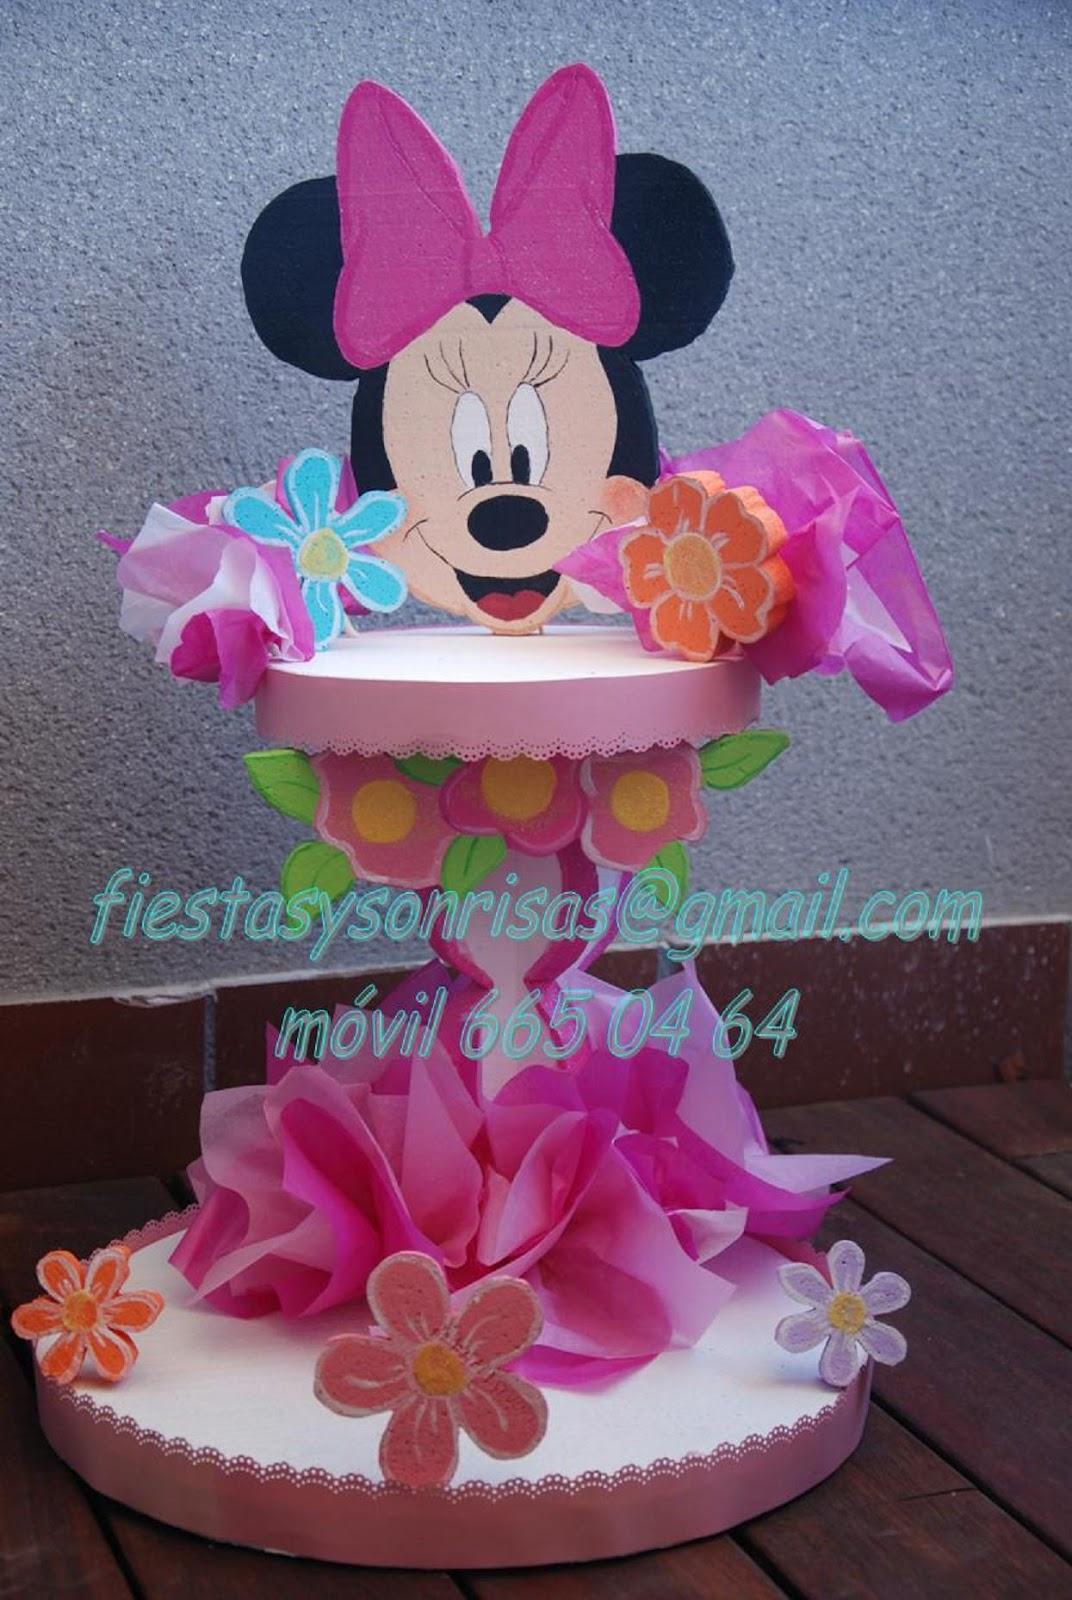 Minnie Decoraciones Fiestas Infantiles ~ Publicado por Fiestas y Sonrisas en 7 50